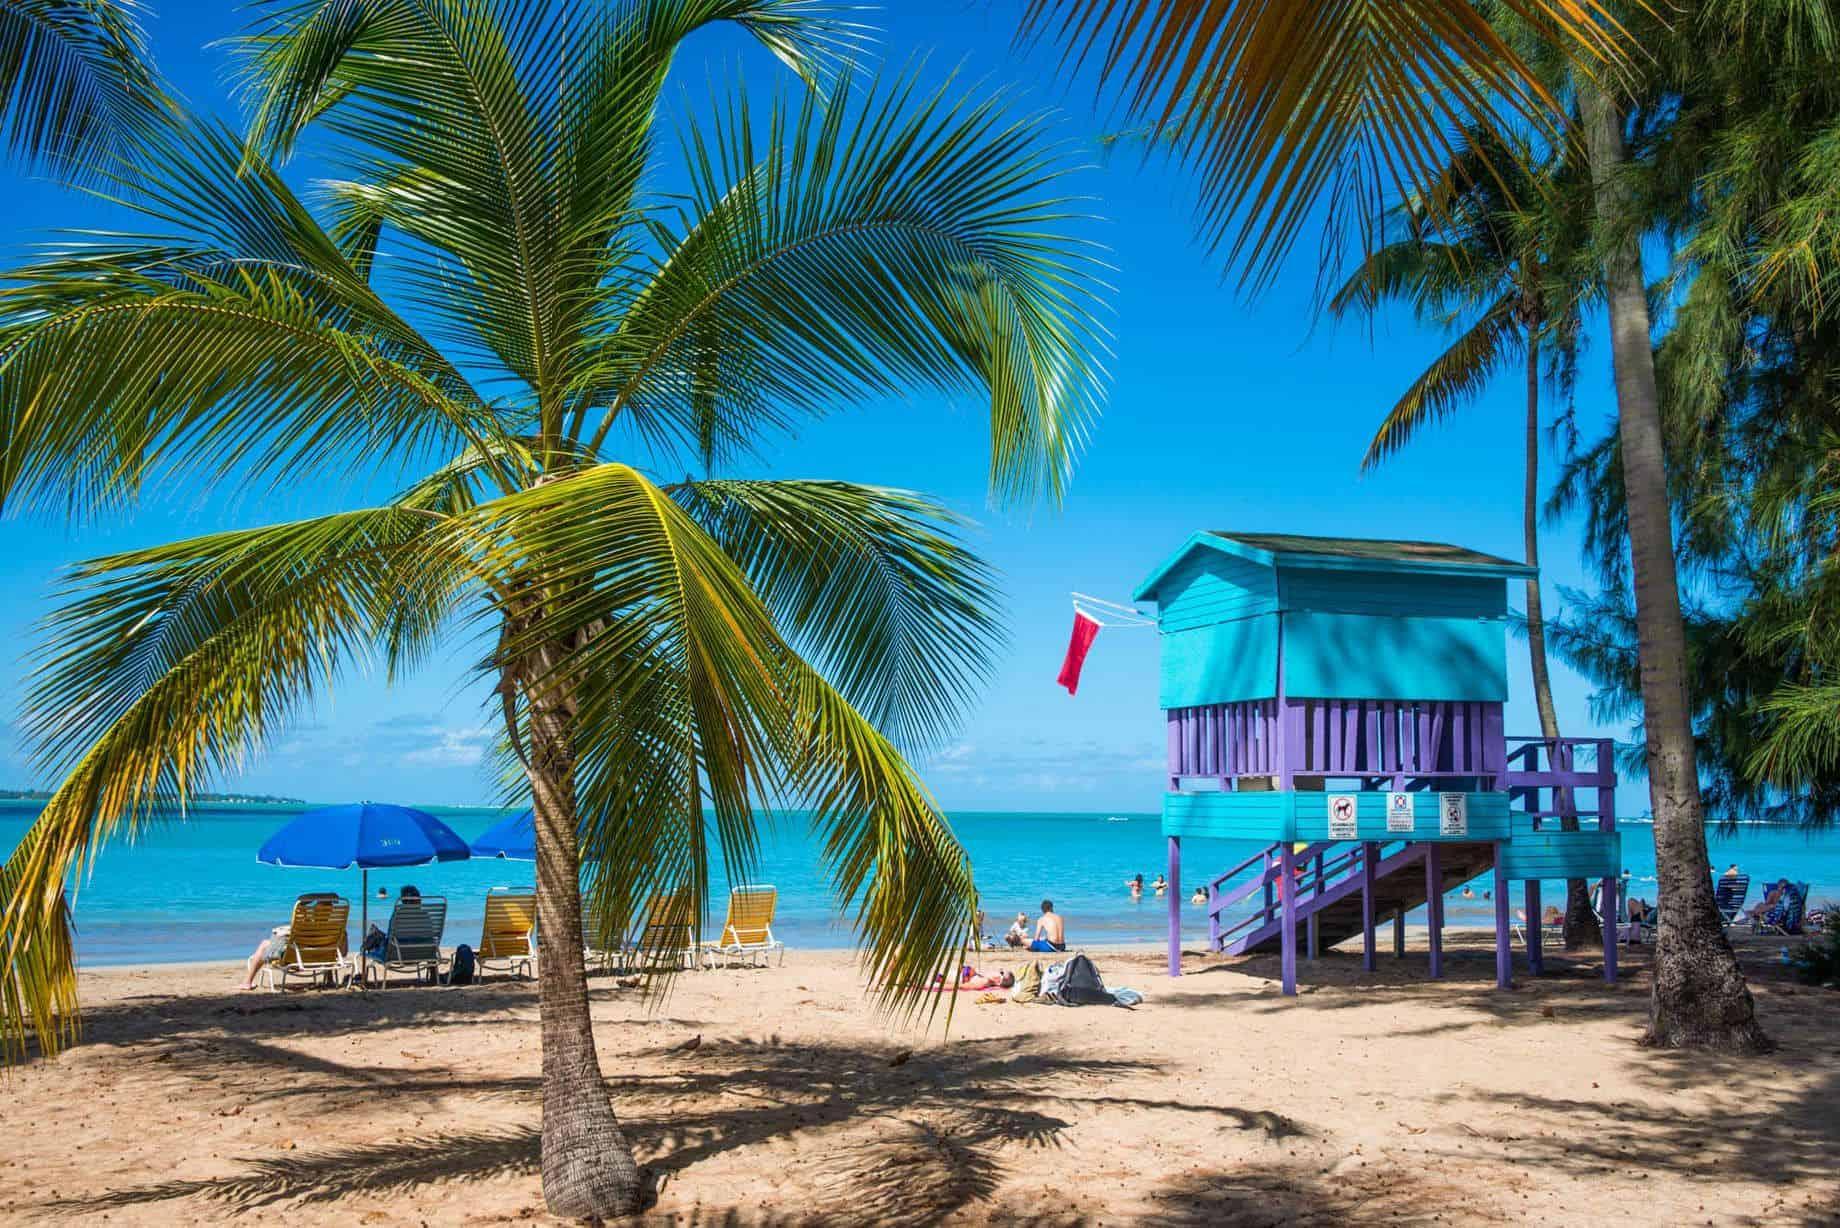 Puerto Rico reabrirá sus playas y reduce sus restricciones por COVID-19